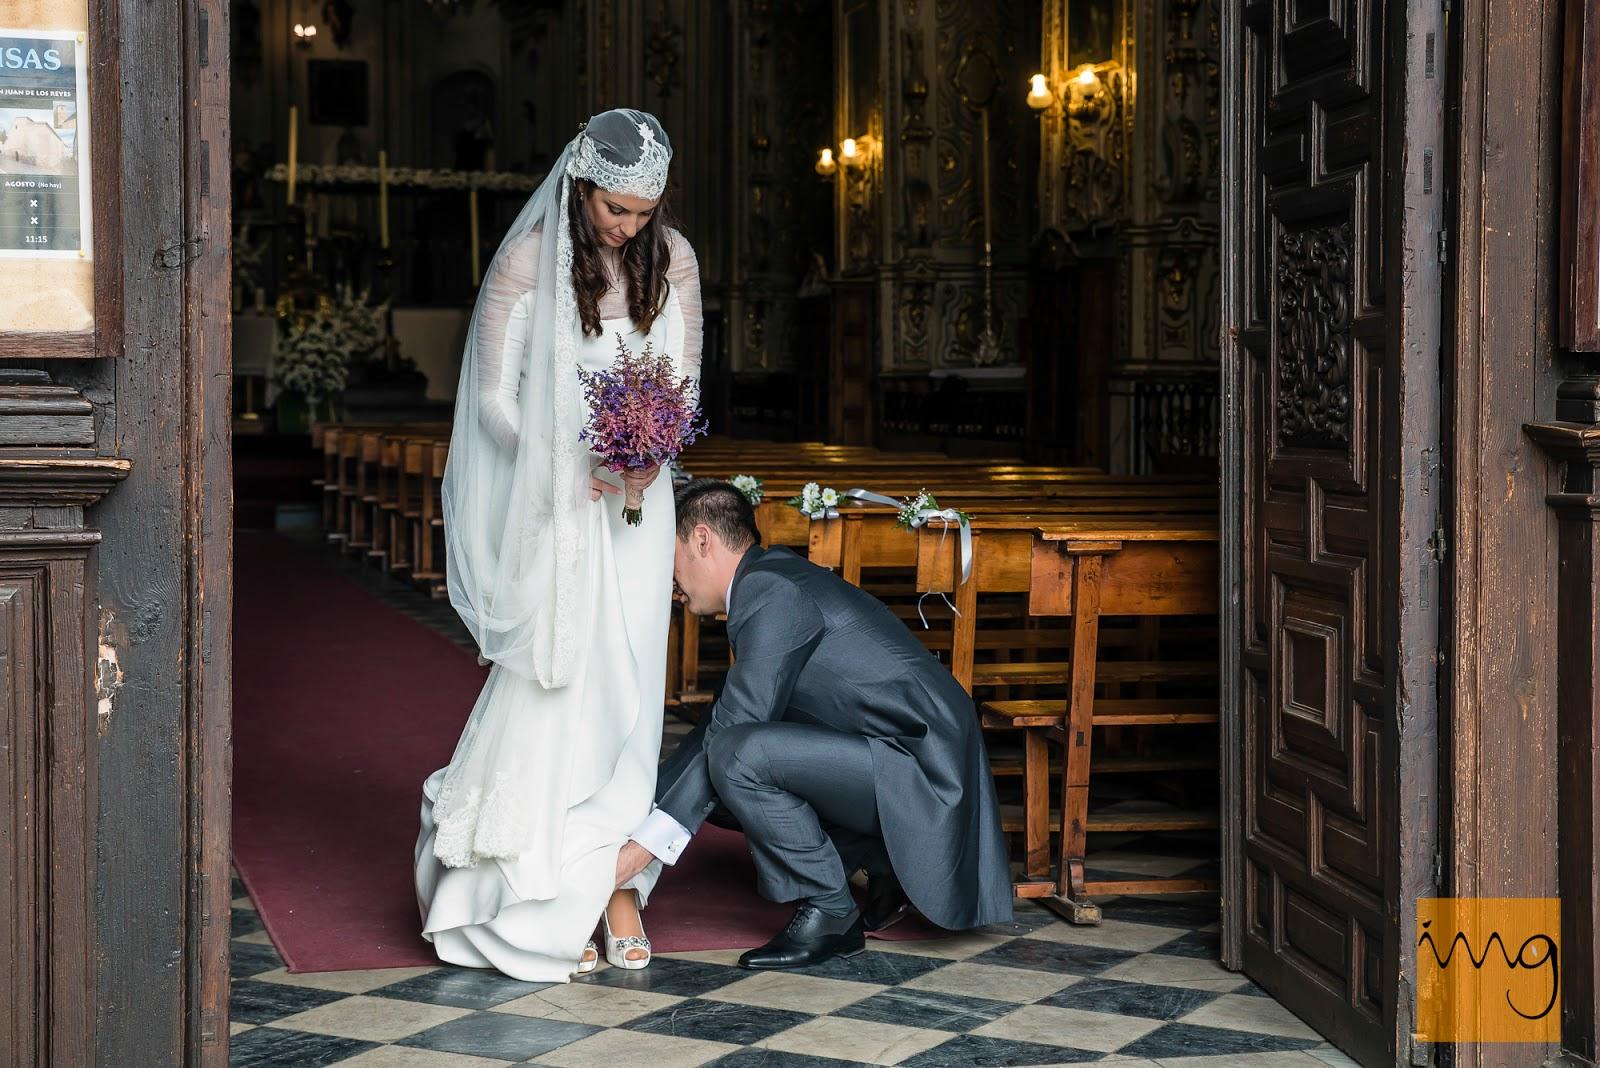 Fotografía de detalle del novio arreglándole el vestido a la novia a la salida de la iglesia